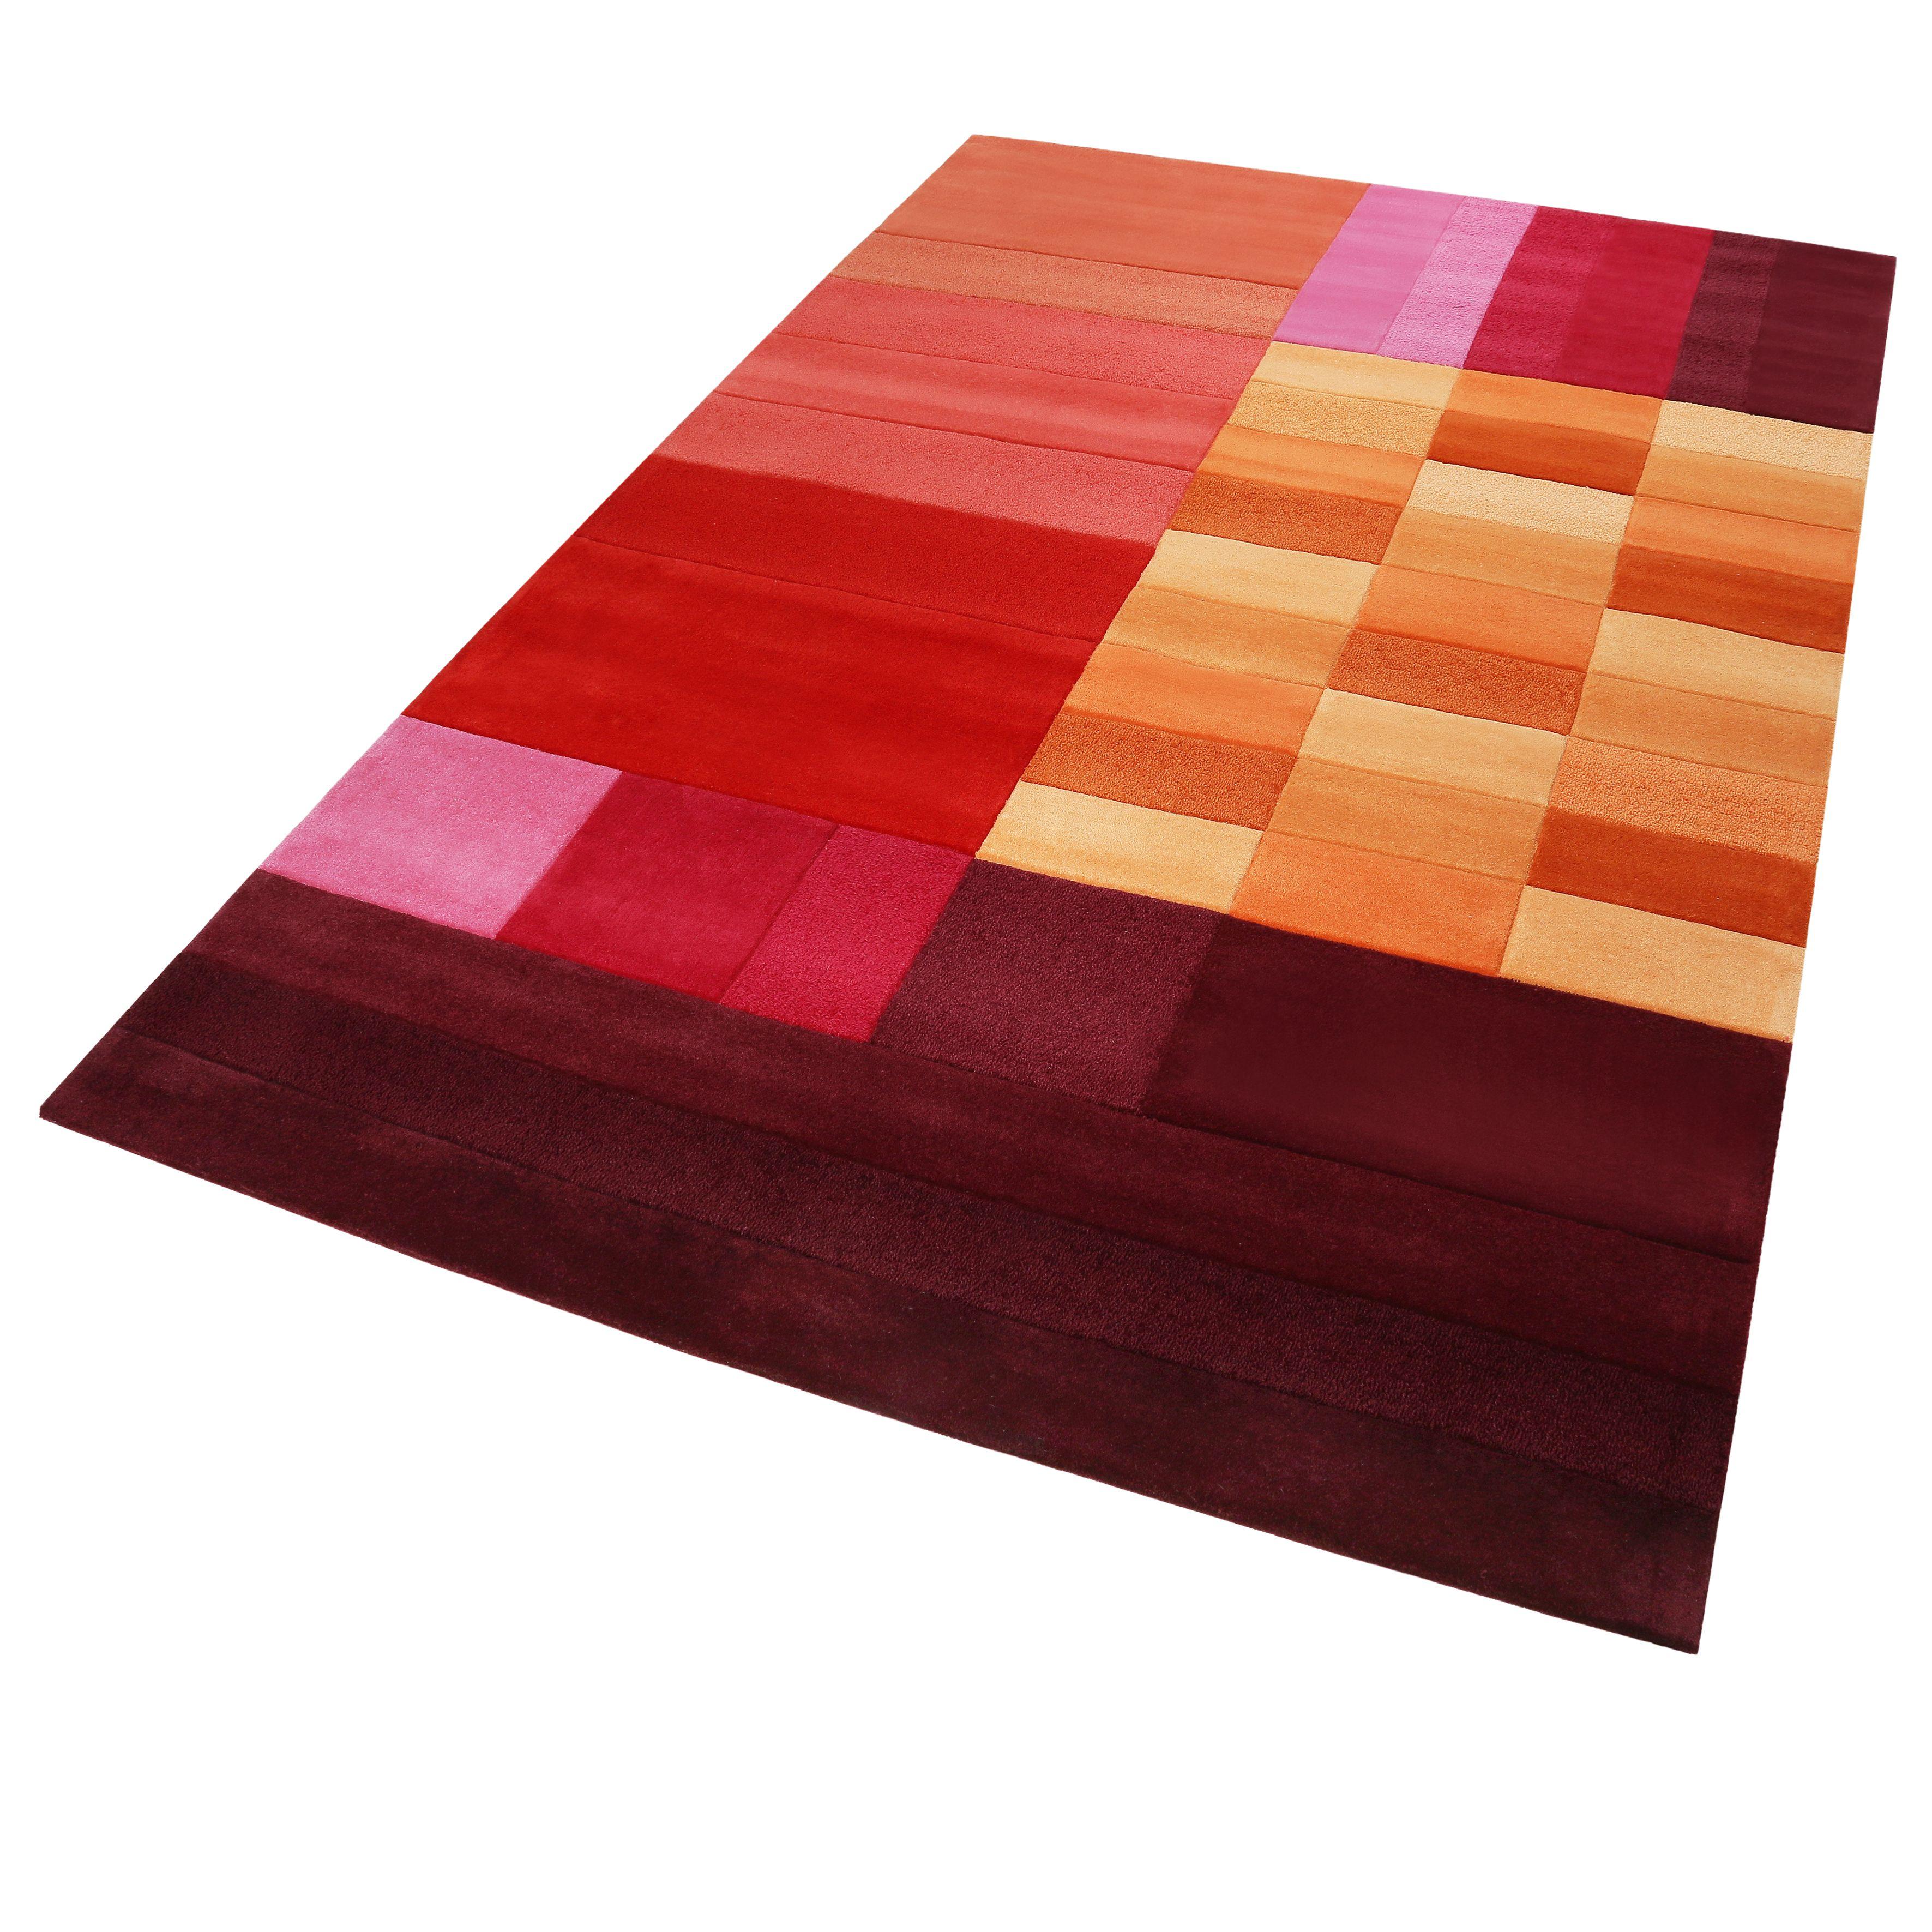 Esprit Kurzflor Teppich Aus Wolle Various Box Rot Orange Terra Pink Kurzflor Teppiche Teppich Teppich Ideen